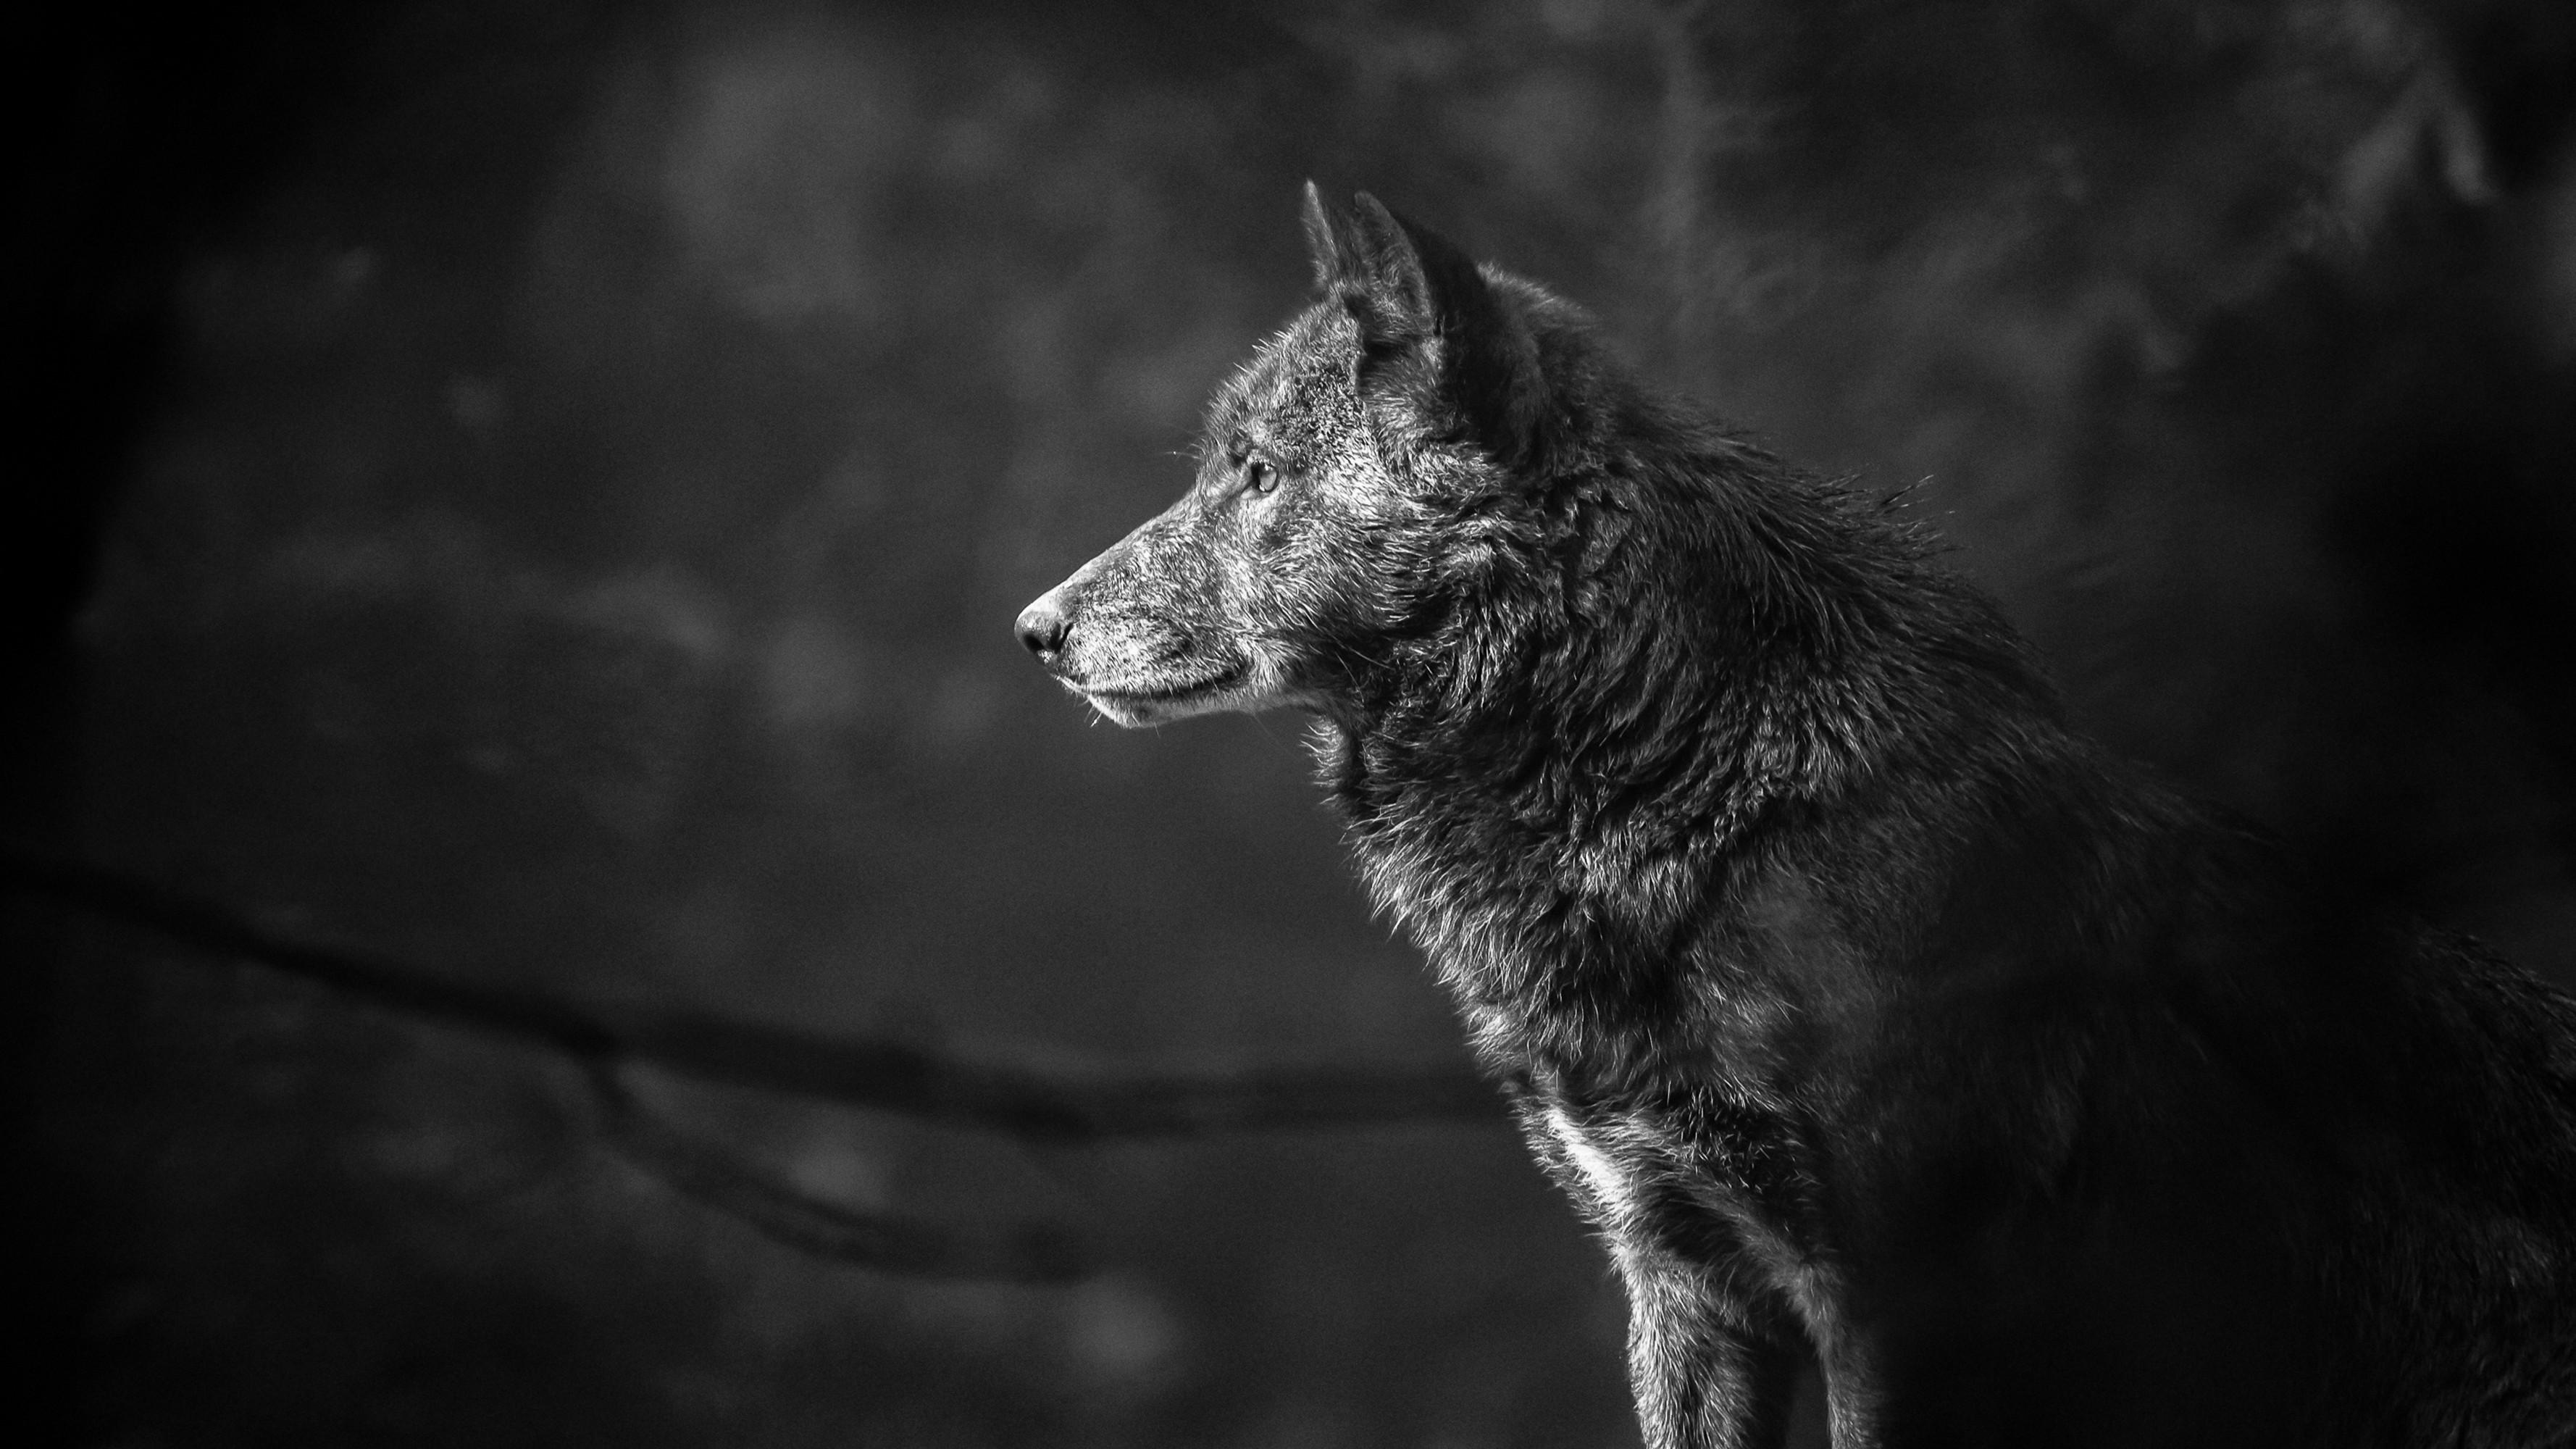 Wolf Wallpaper Iphone 4k Best Hd Wallpaper